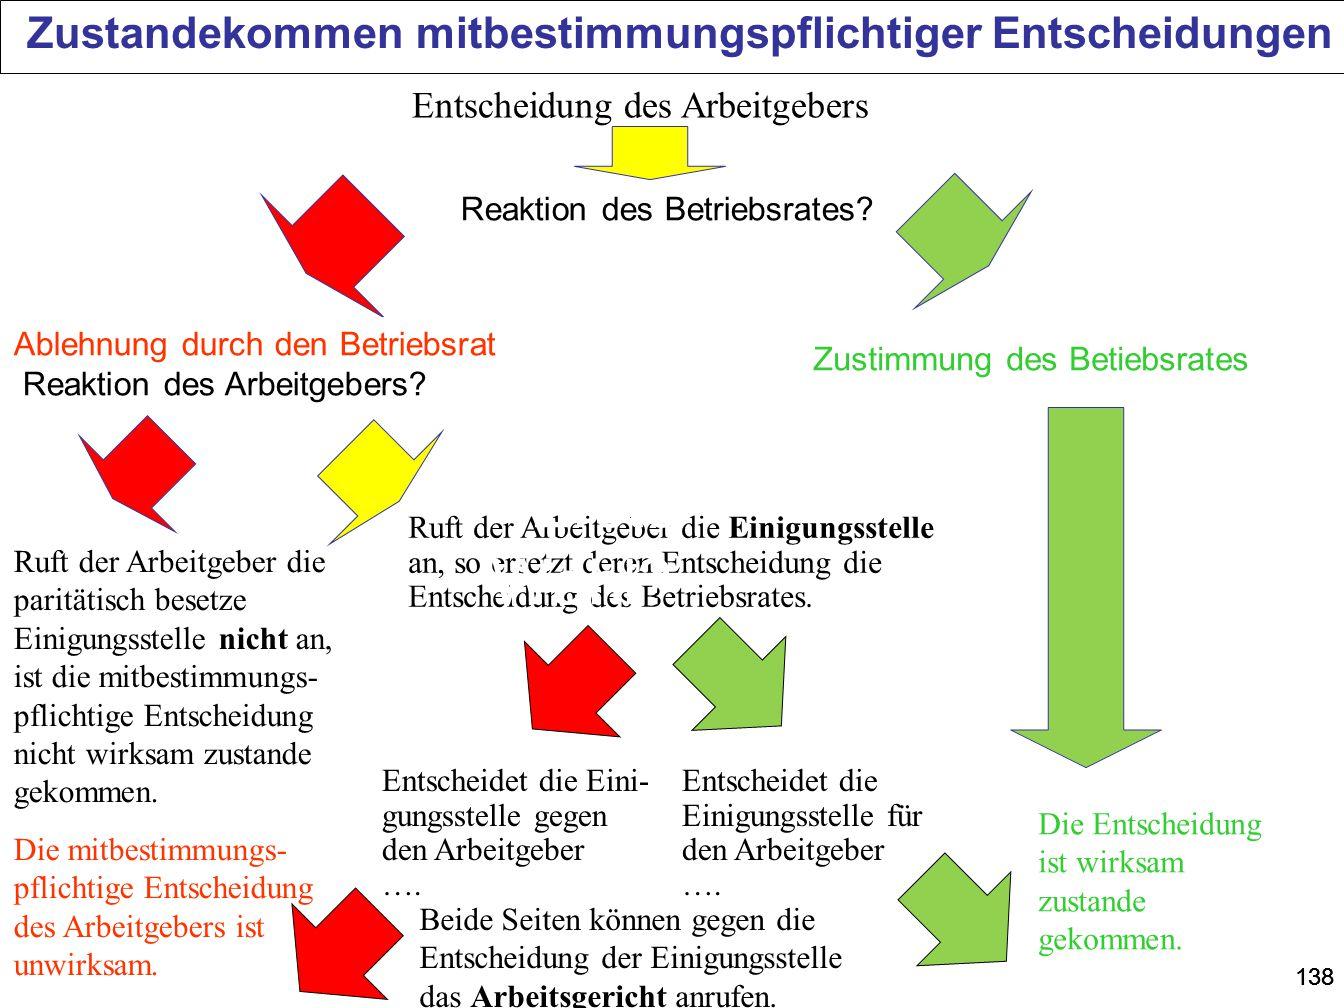 Zustandekommen mitbestimmungspflichtiger Entscheidungen